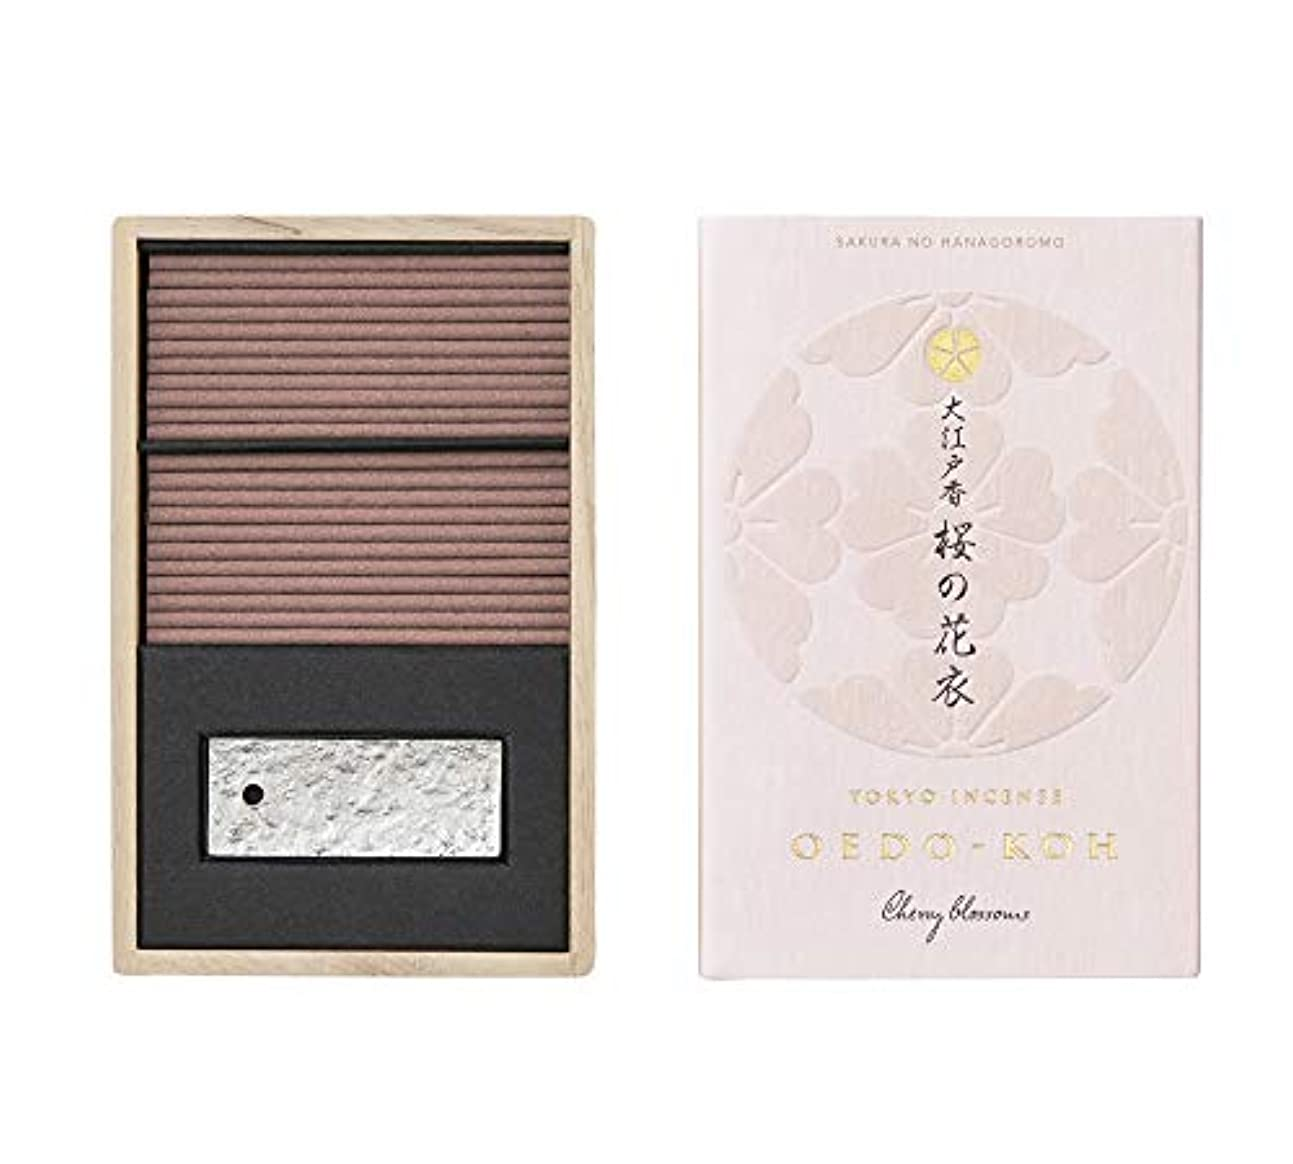 却下する欠かせない憂慮すべき日本香堂 大江戸香 桜の花衣(さくらのはなごろも) スティック60本入 香立付